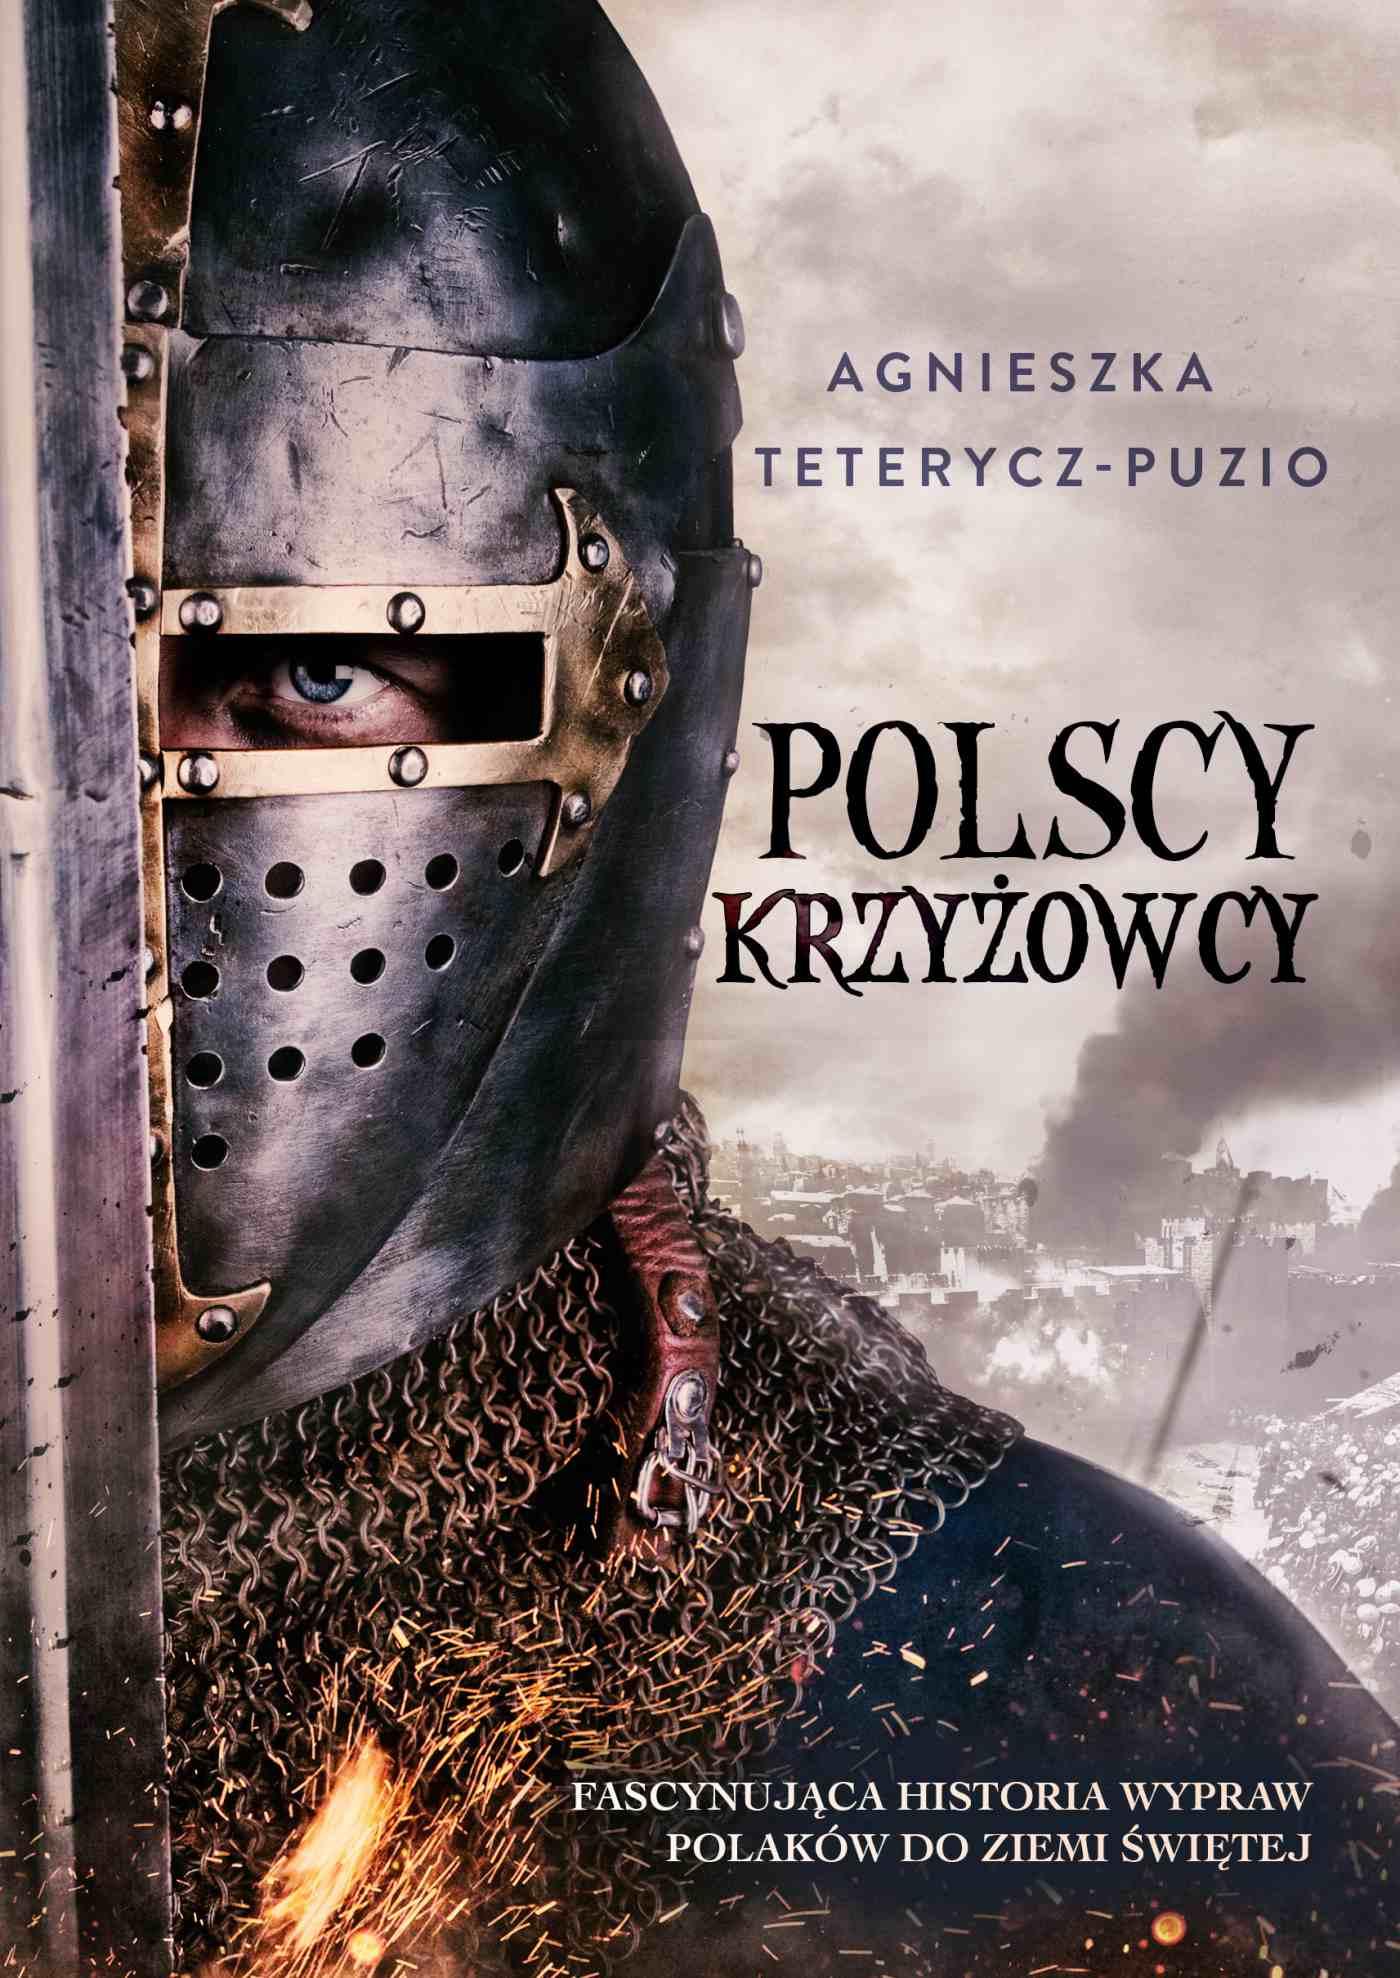 Polscy krzyżowcy - Ebook (Książka EPUB) do pobrania w formacie EPUB